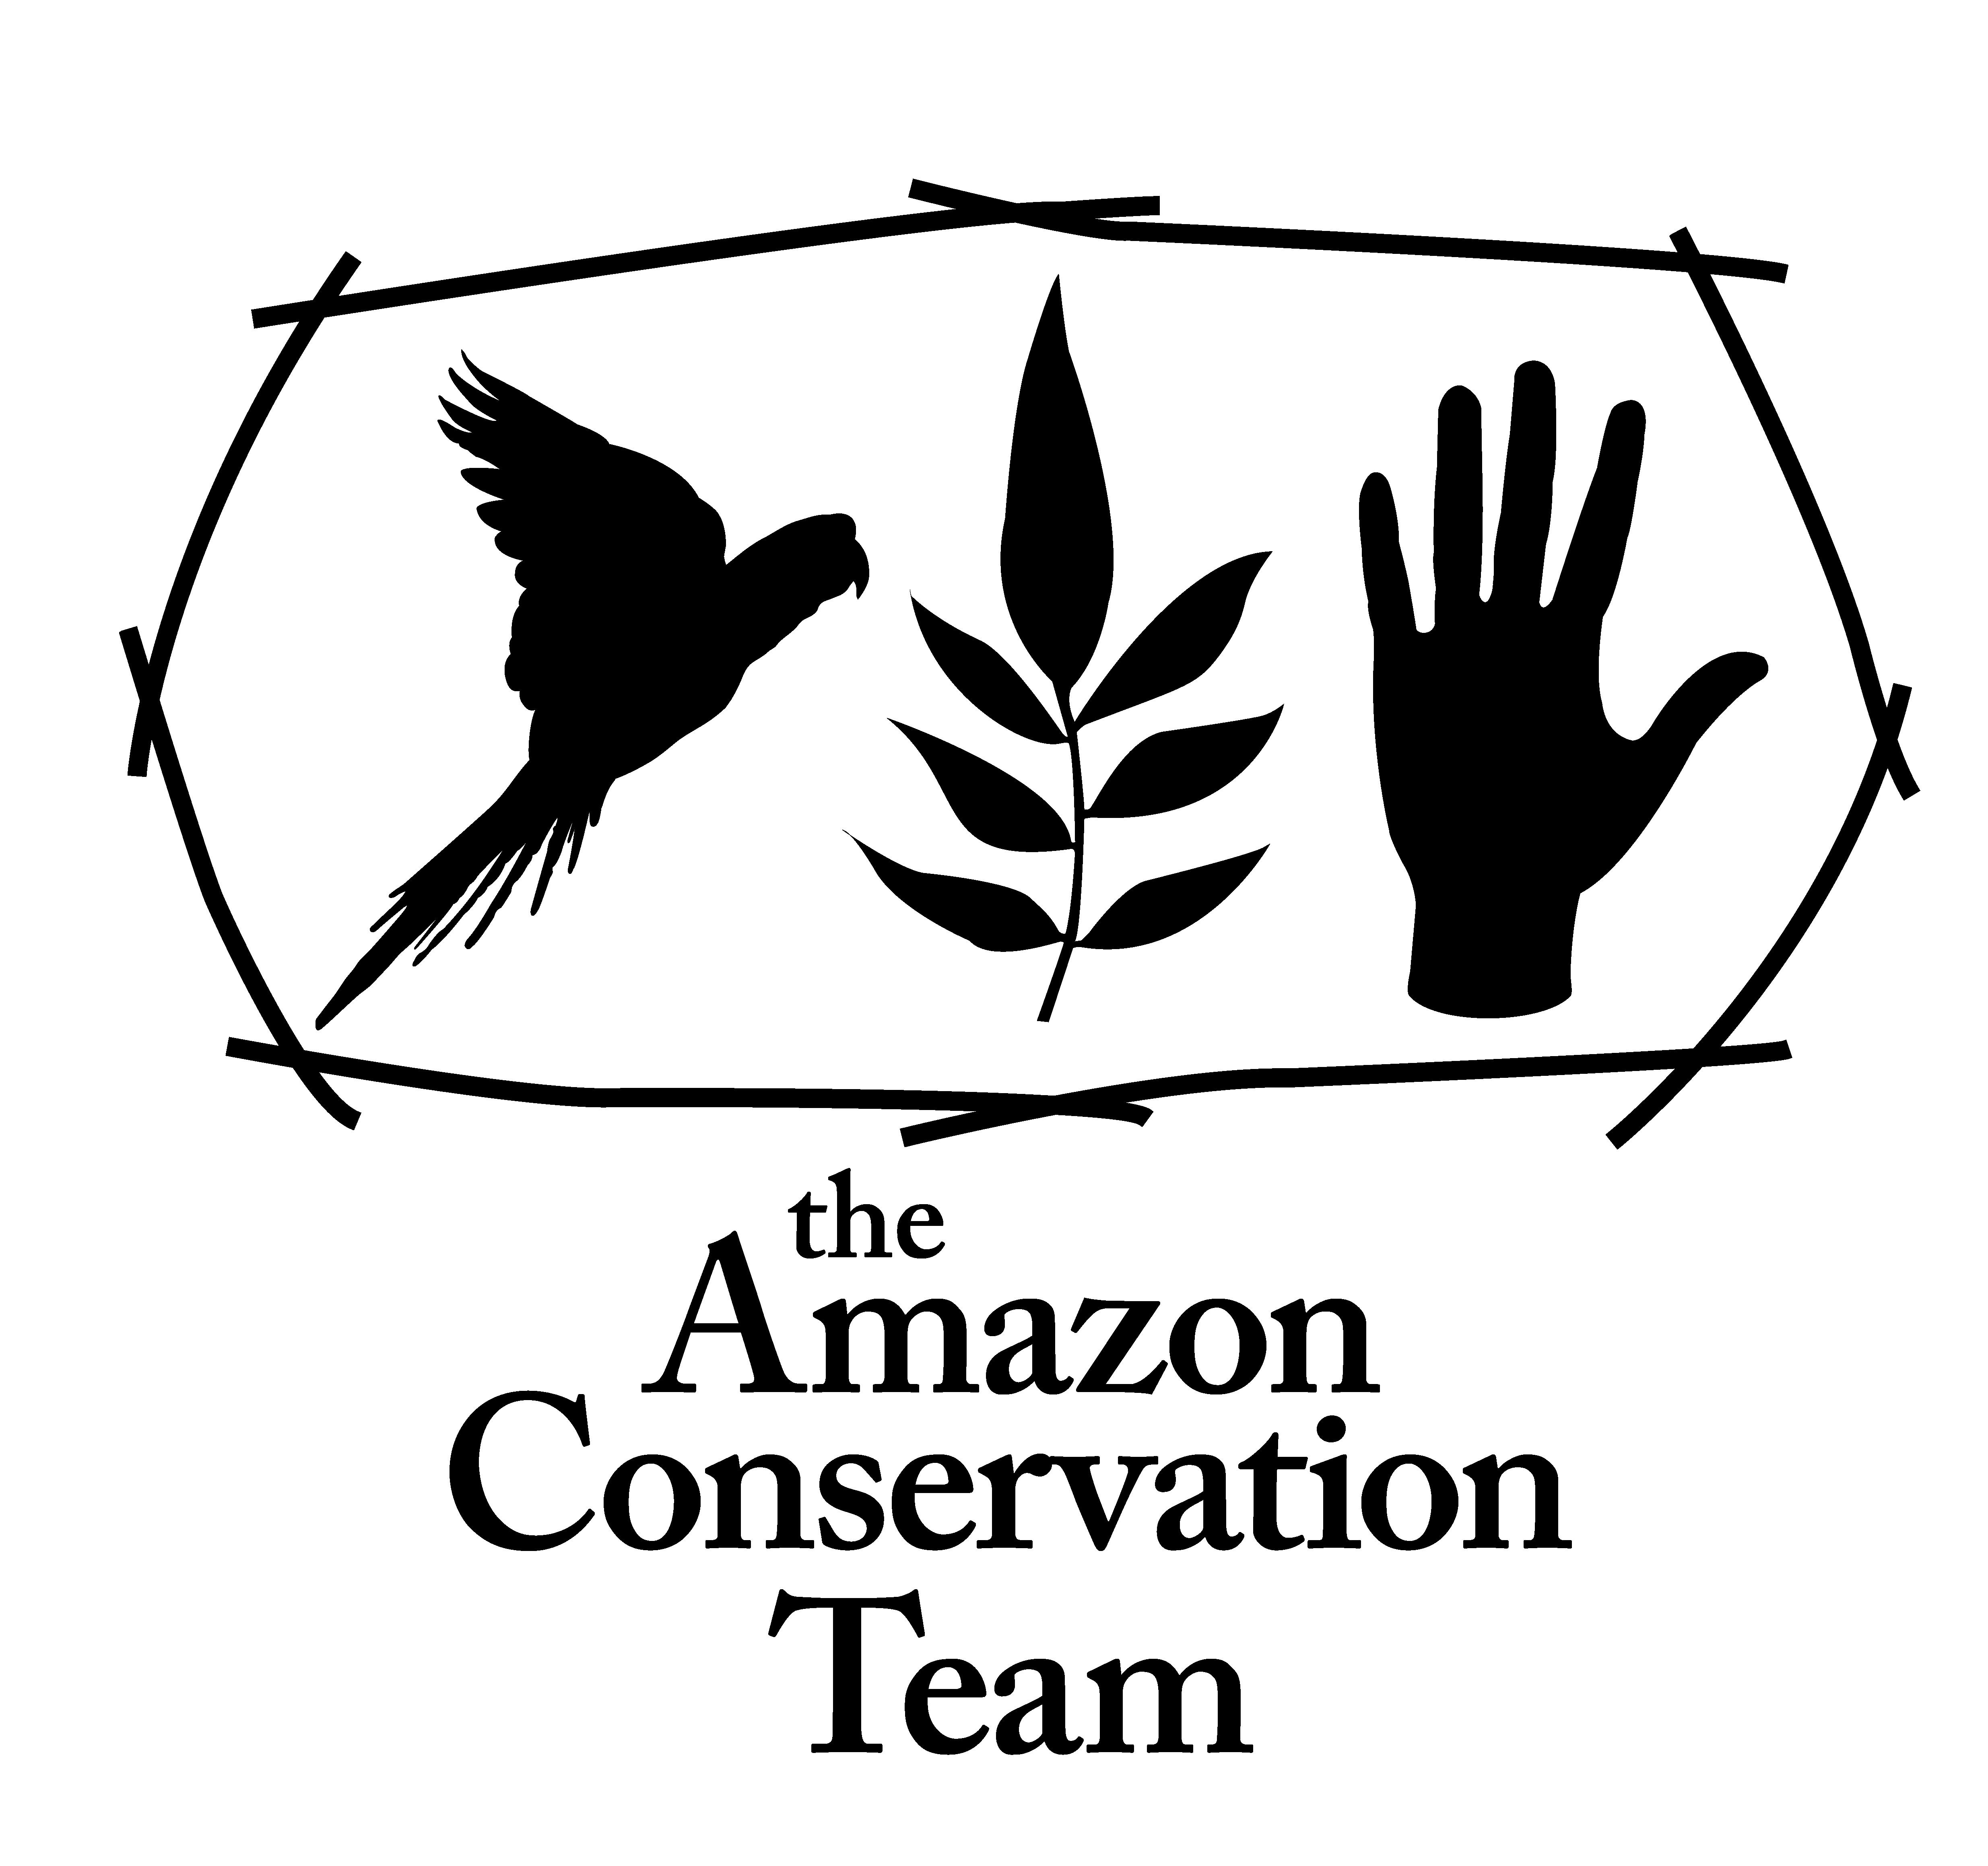 Viewedoc